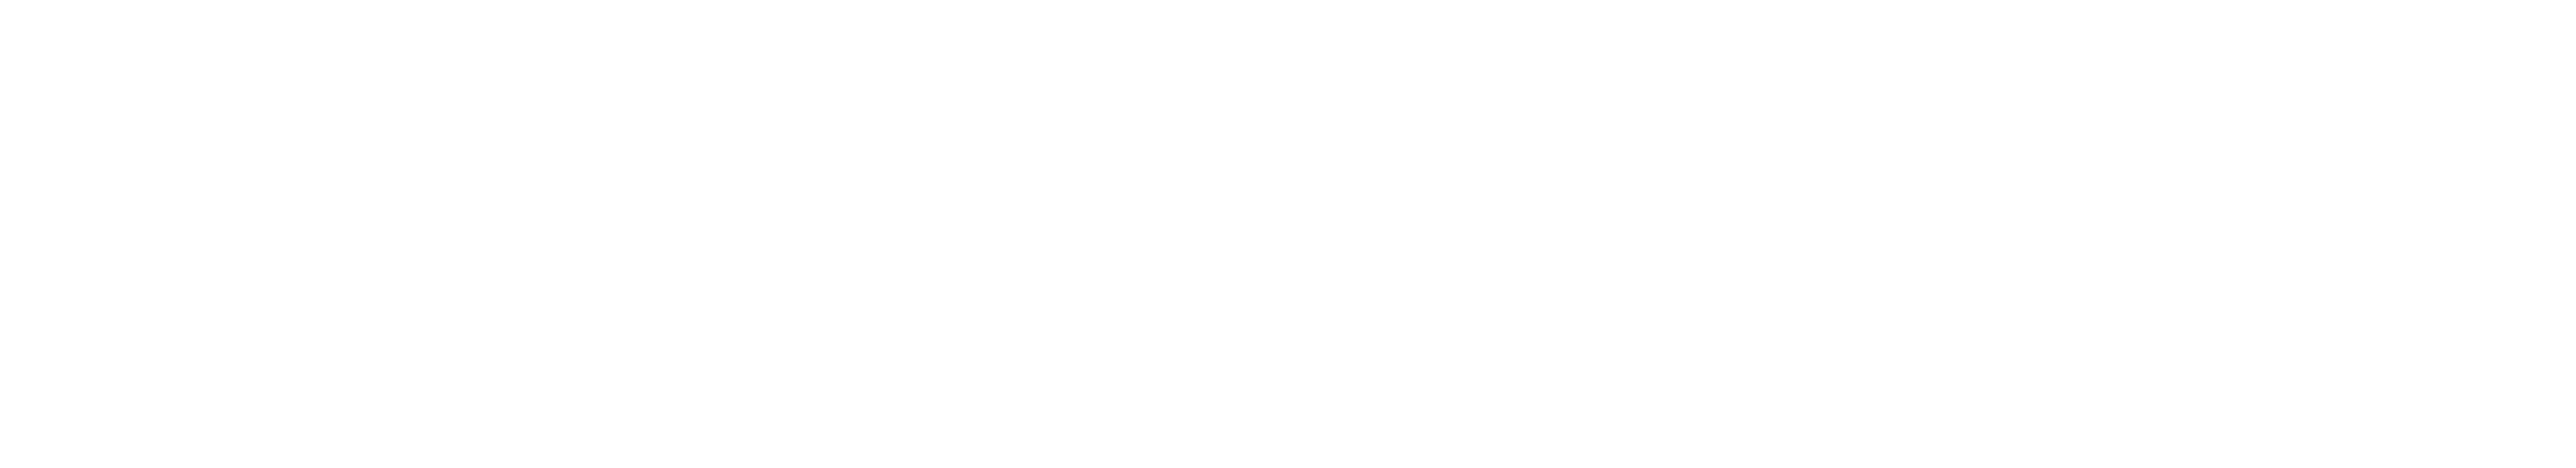 信息无障碍产品联盟